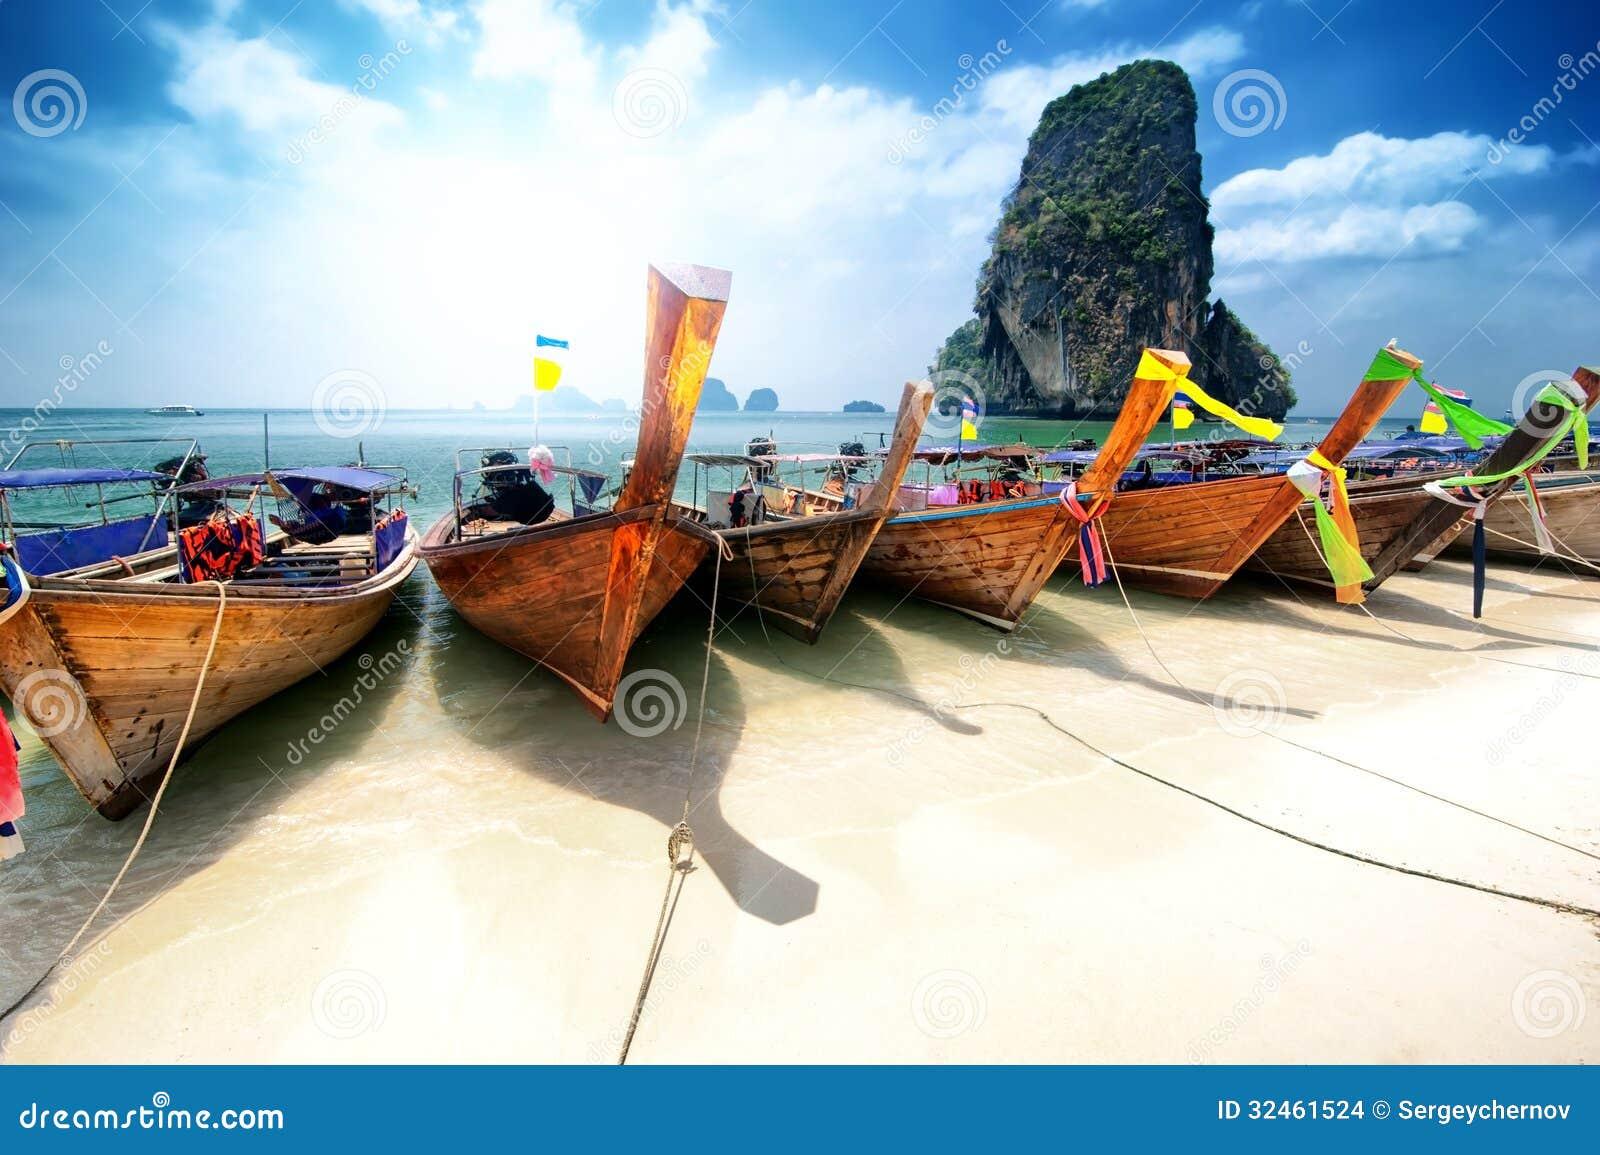 Plage de la Thaïlande sur l île tropicale. Beau fond de voyage